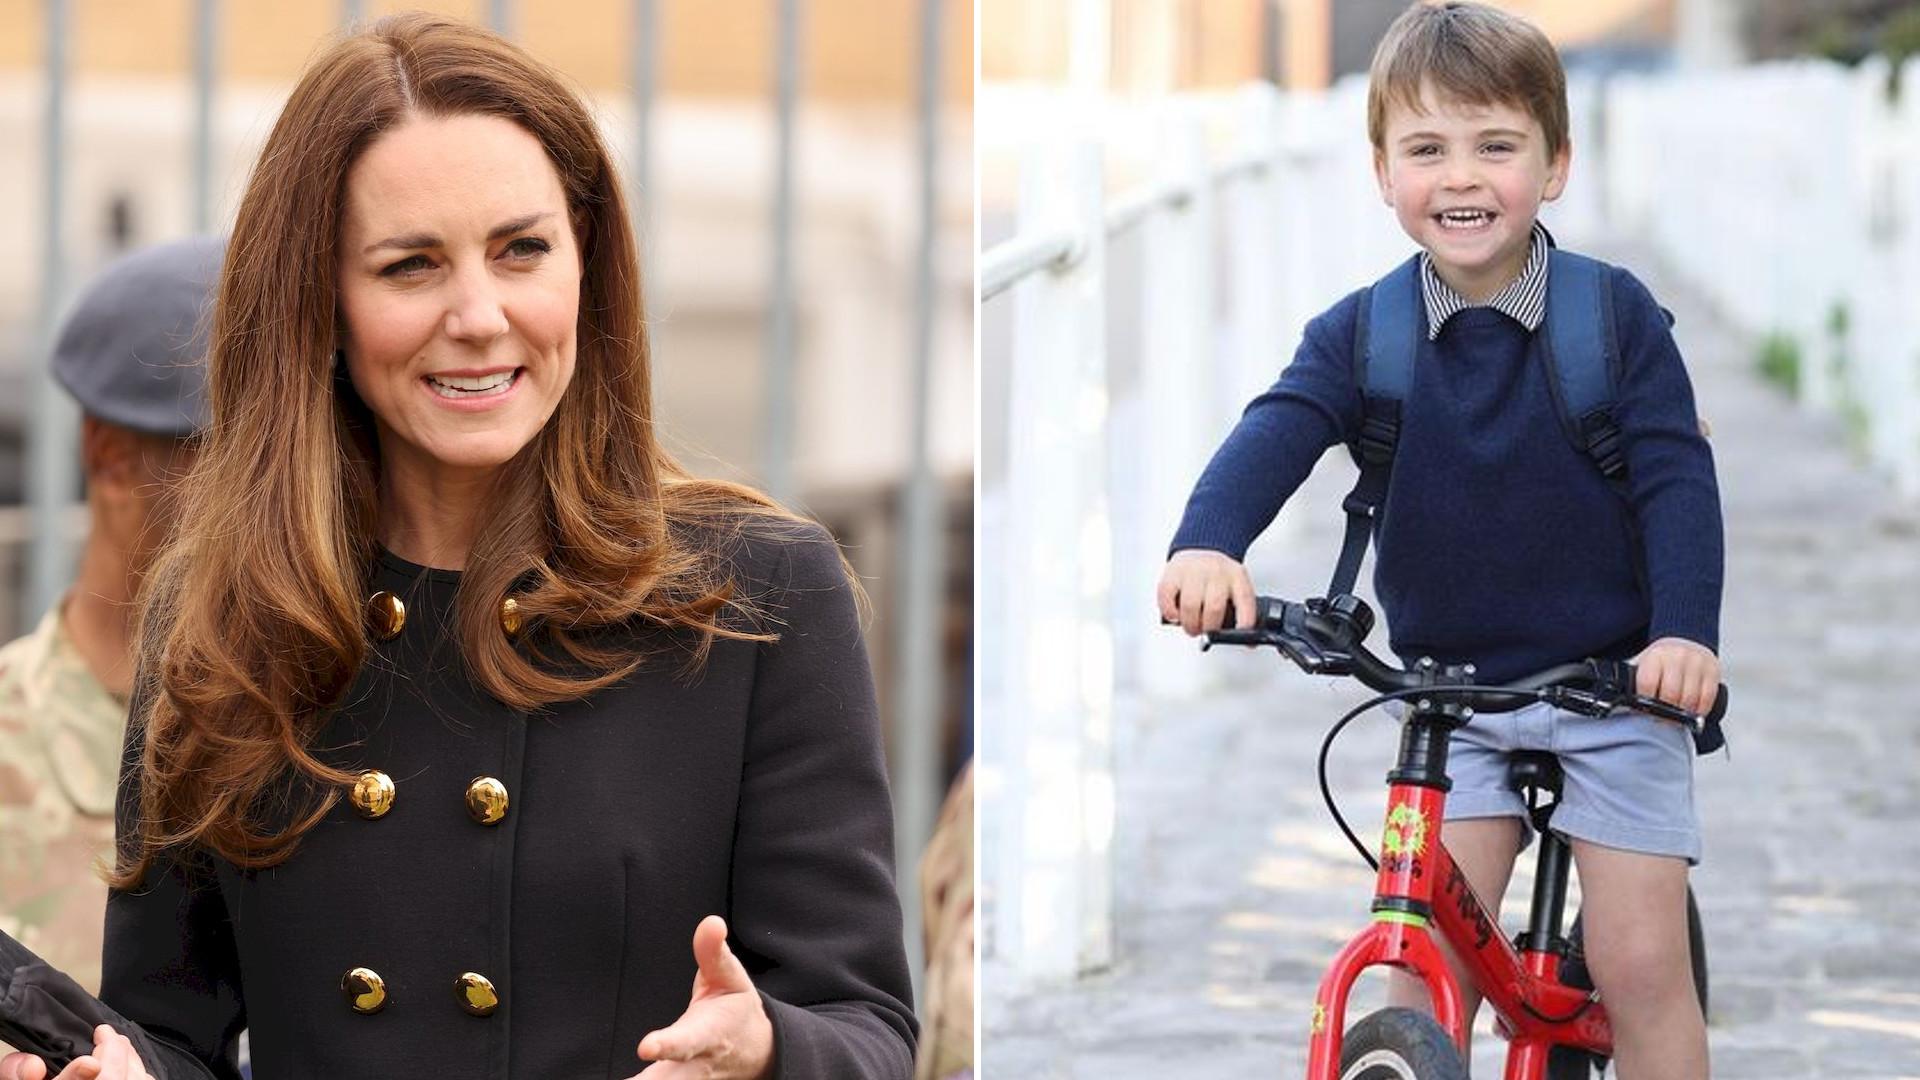 Fanka natknęła się na księżną Kate z synem w parku. Zdradziła, jak wyglądało spotkanie